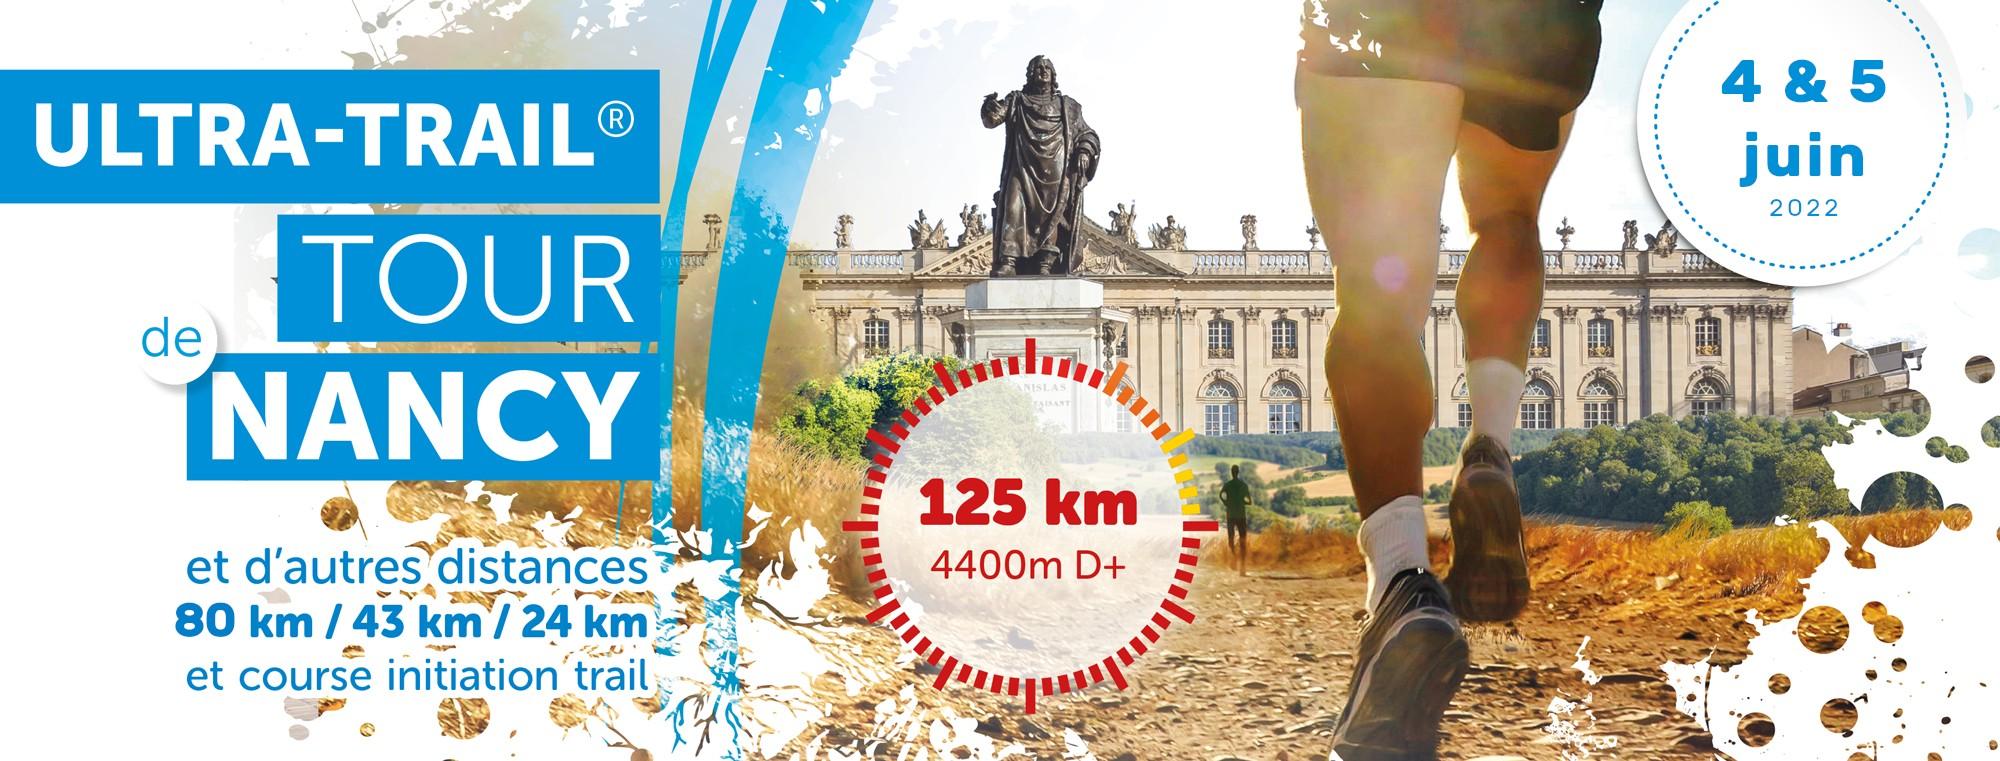 Ultra-Trail® Tour Nancy